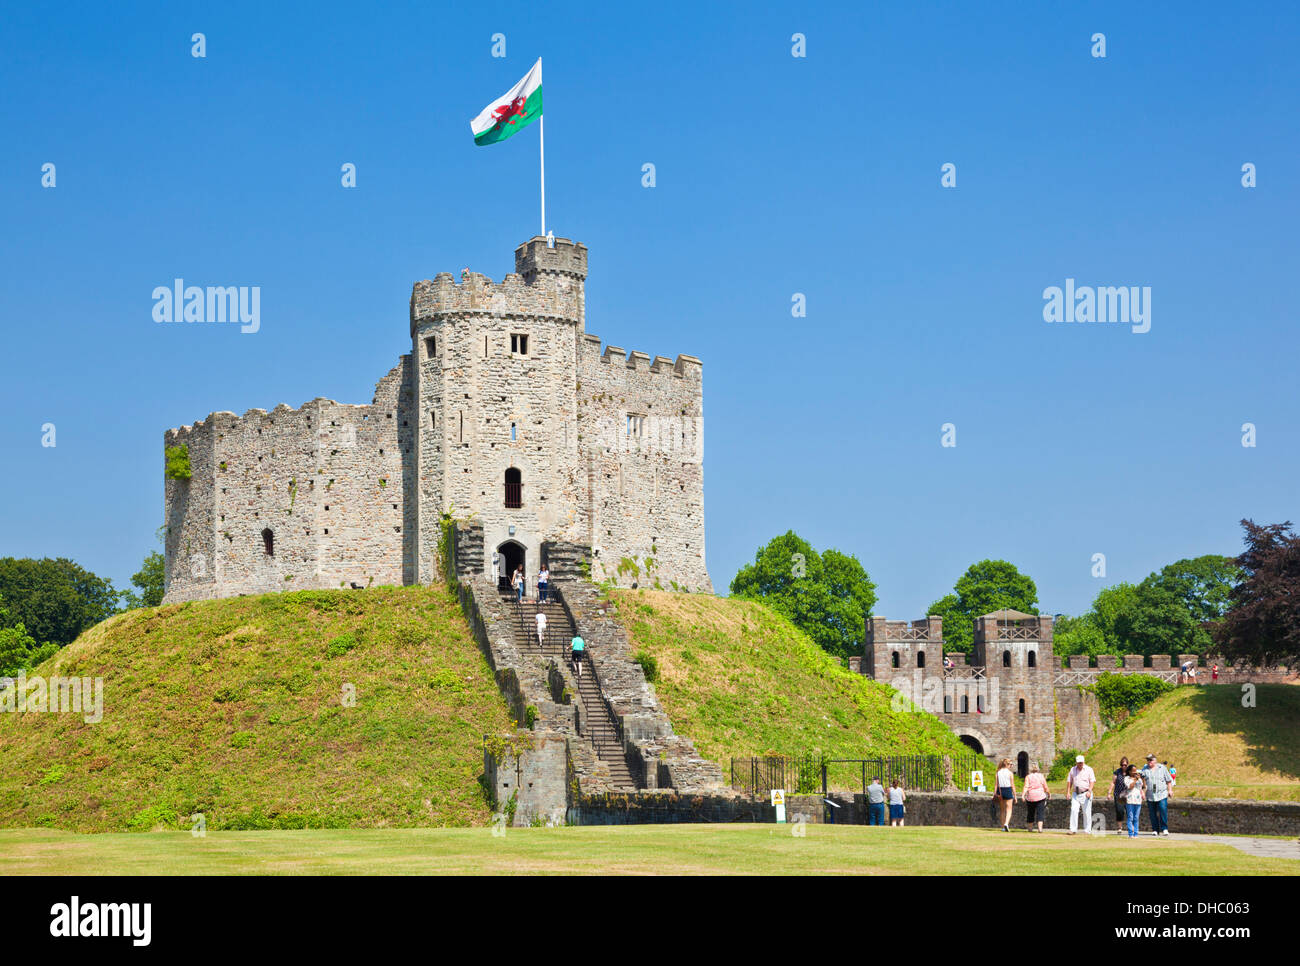 All'interno dei motivi del Castello di Cardiff con il Normanno mantenere battenti la bandiera gallese Cardiff South Glamorgan Wales UK GB EU Europe Immagini Stock